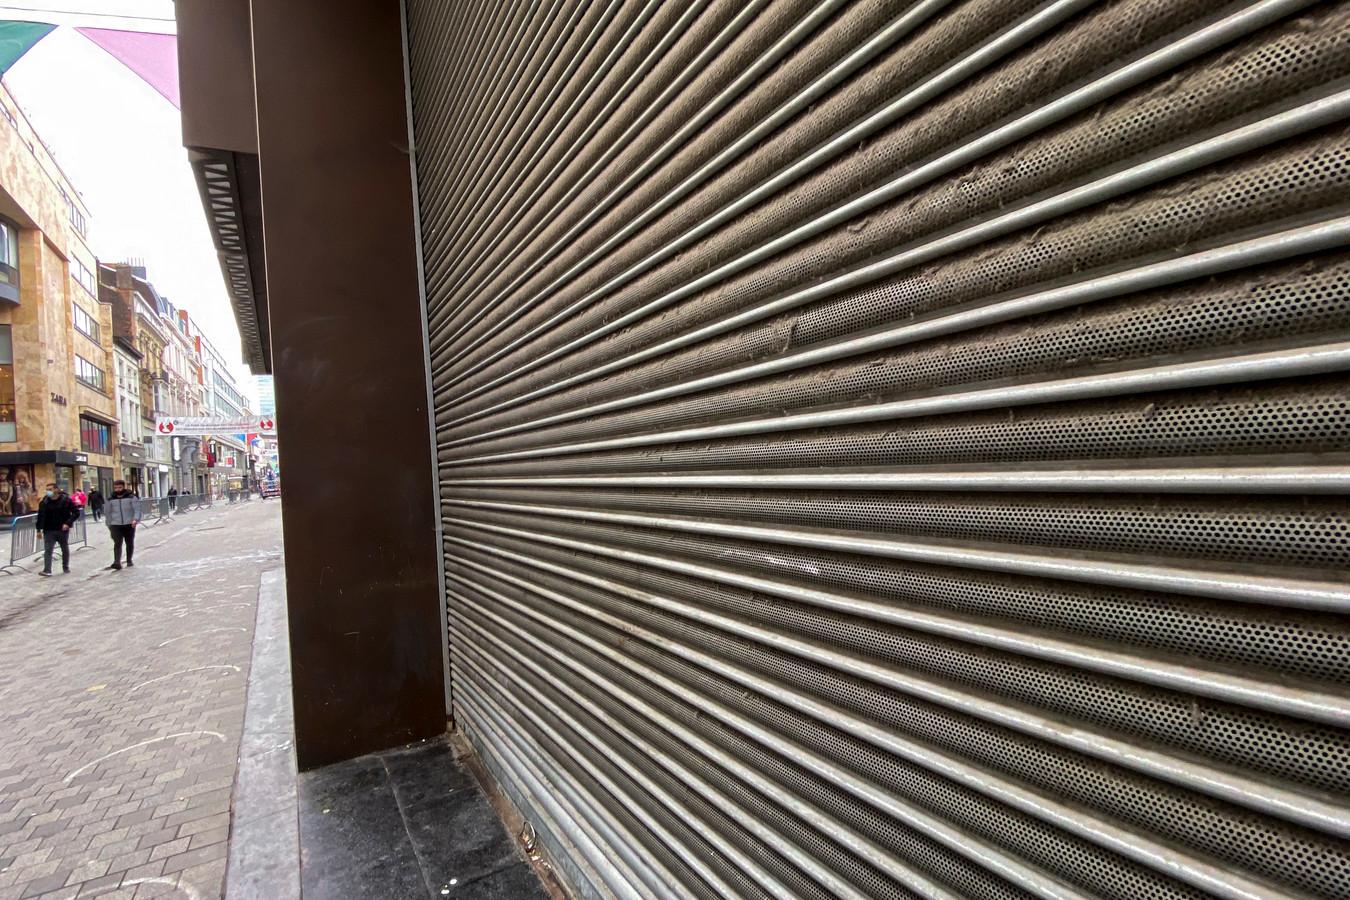 Les volets d'une boutique de la rue Neuve à Bruxelles sont désespérément baissés.